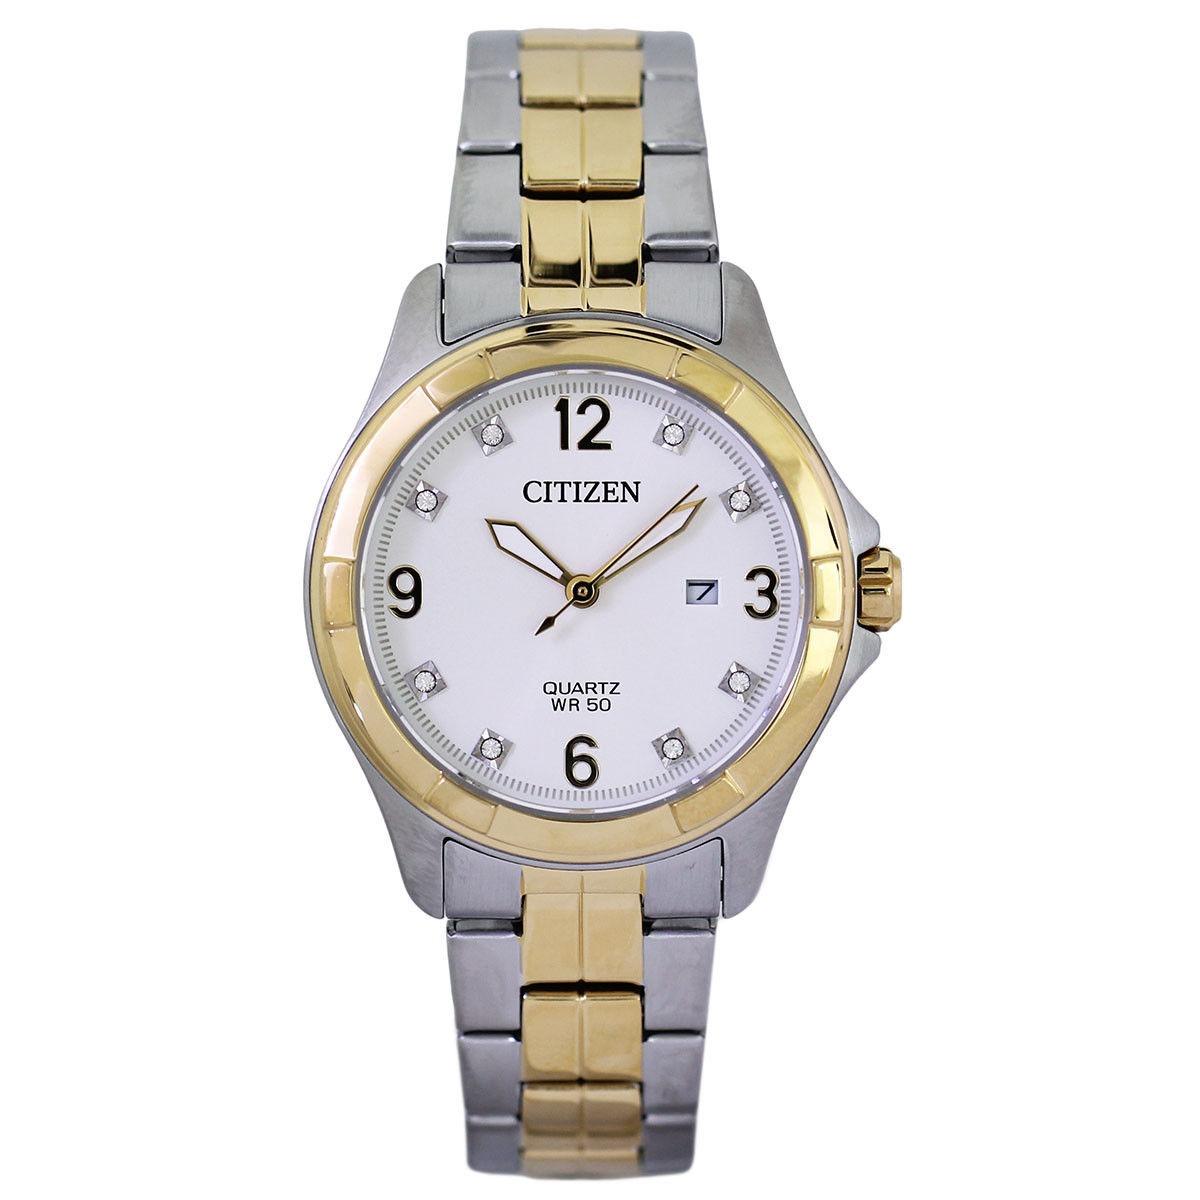 reloj-citizen-dama-eu6084-57a-plateado-dorado-fecha-original-D_NQ_NP_940792-MLM30068628749_042019-F